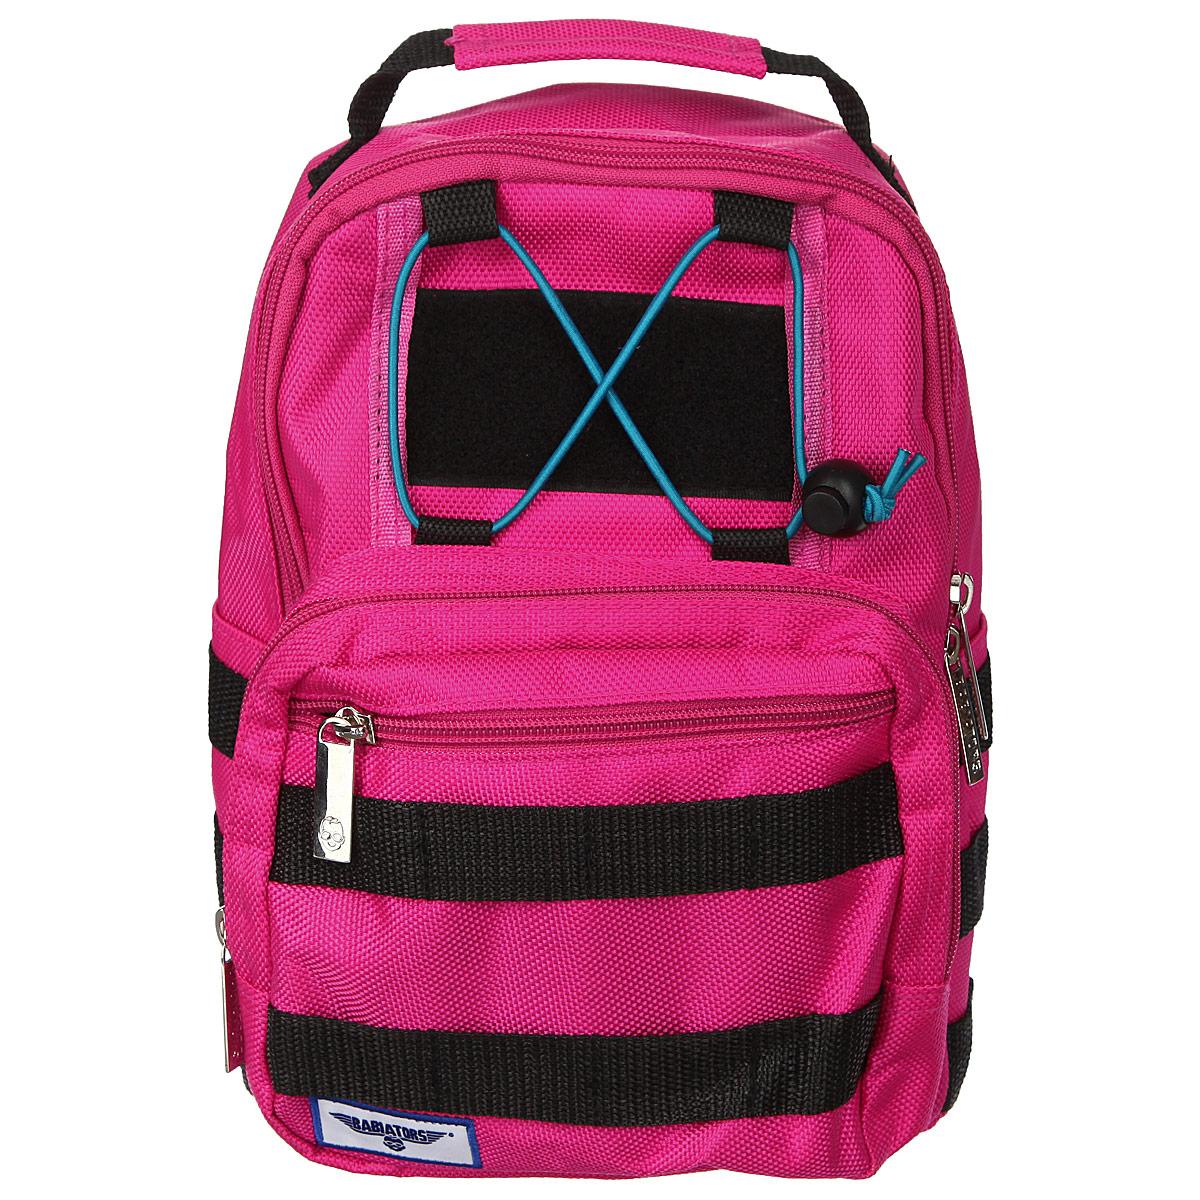 Рюкзак-мини Babiators Rocket Pack, цвет: розовый72523WDРюкзак-мини Babiators Rocket Pack обязательно пригодится вашему ребенку! Он может взять его с собой на прогулку, в гости или в детский сад.Выполнен рюкзак из износоустойчивой ткани с водонепроницаемой основой, что позволяет ему надежно защищать вещи от влаги и верно служить долгое время. Содержит одно отделение, закрывающееся на застежку-молнию с двумя бегунками. Внутри отделения имеются два горизонтальных кармашка на липучке. Лицевая сторона рюкзака оснащена накладным карманом на застежке-молнии, внутри которого имеется открытый кармашек. Передняя сторона этого накладного кармана дополнена врезным горизонтальным отделением, также закрывающимся на молнию. Рюкзак-мини имеет два боковых нашивных кармана. Задняя стенка рюкзака оснащена горизонтальным карманом на липучке. По бокам и с лицевой стороны рюкзака имеется множество петель для разнообразных вещей ребенка. Рюкзак оснащен регулируемыми по длине плечевыми ремнями и дополнен текстильной ручкой для переноски в руке. Для обеспечения удобства и надежности рюкзака на спине на лямках предусмотрен фиксатор. Такой рюкзак порадует глаз и подарит отличное настроение вашему ребенку, который будет с удовольствием носить в нем свои вещи или любимые игрушки.